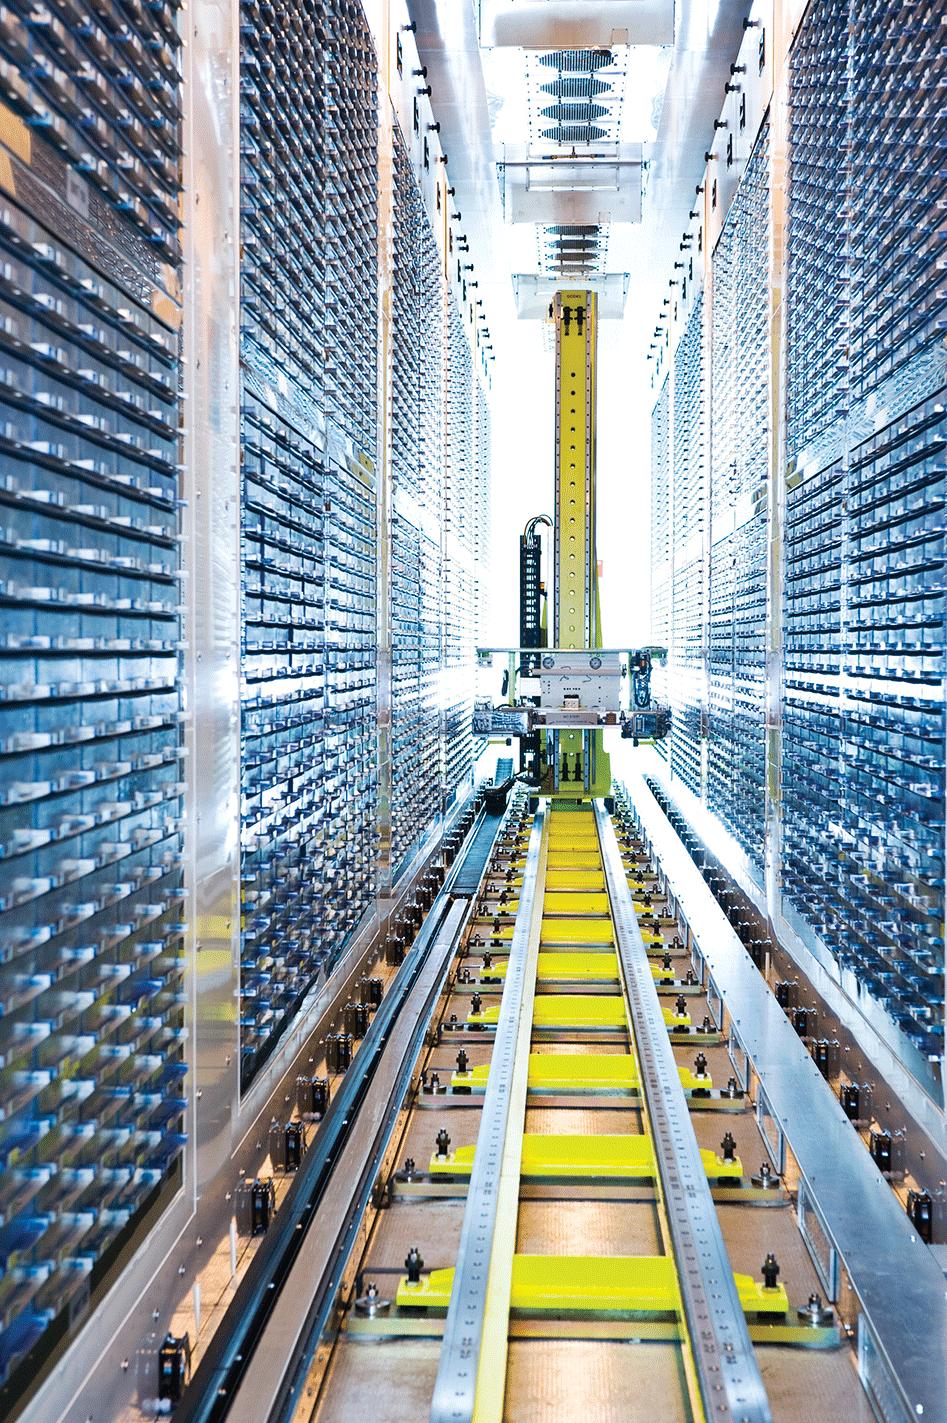 Los estudios genéticos son cada vez más potentes ya que involucran a más personas. Aquí, un robot en raíles busca entre muestras de ADN congeladas donadas por 500,000 voluntarios británicos como parte del Biobanco del Reino Unido.